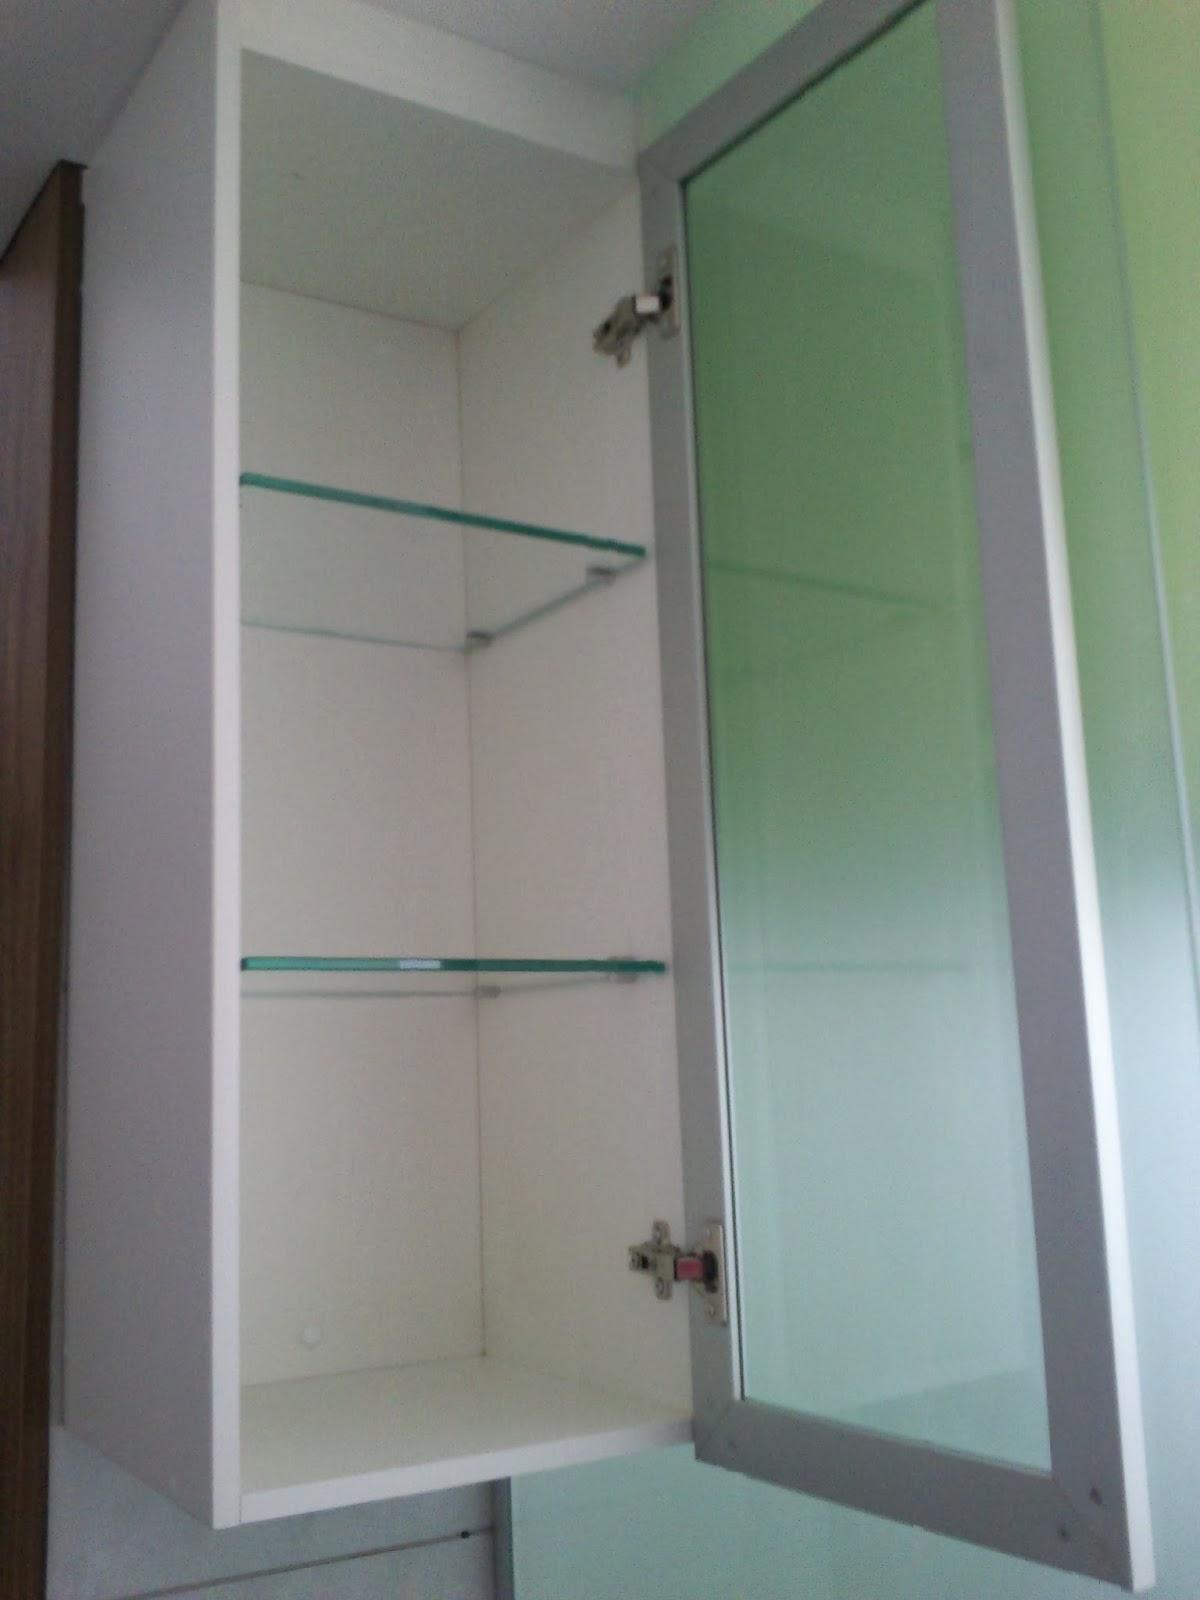 #556676  Branco) Porta em Vidro/Alumínio e Prateleiras em Vidro 08mm 1004 Portas E Janelas De Aluminio Belo Horizonte